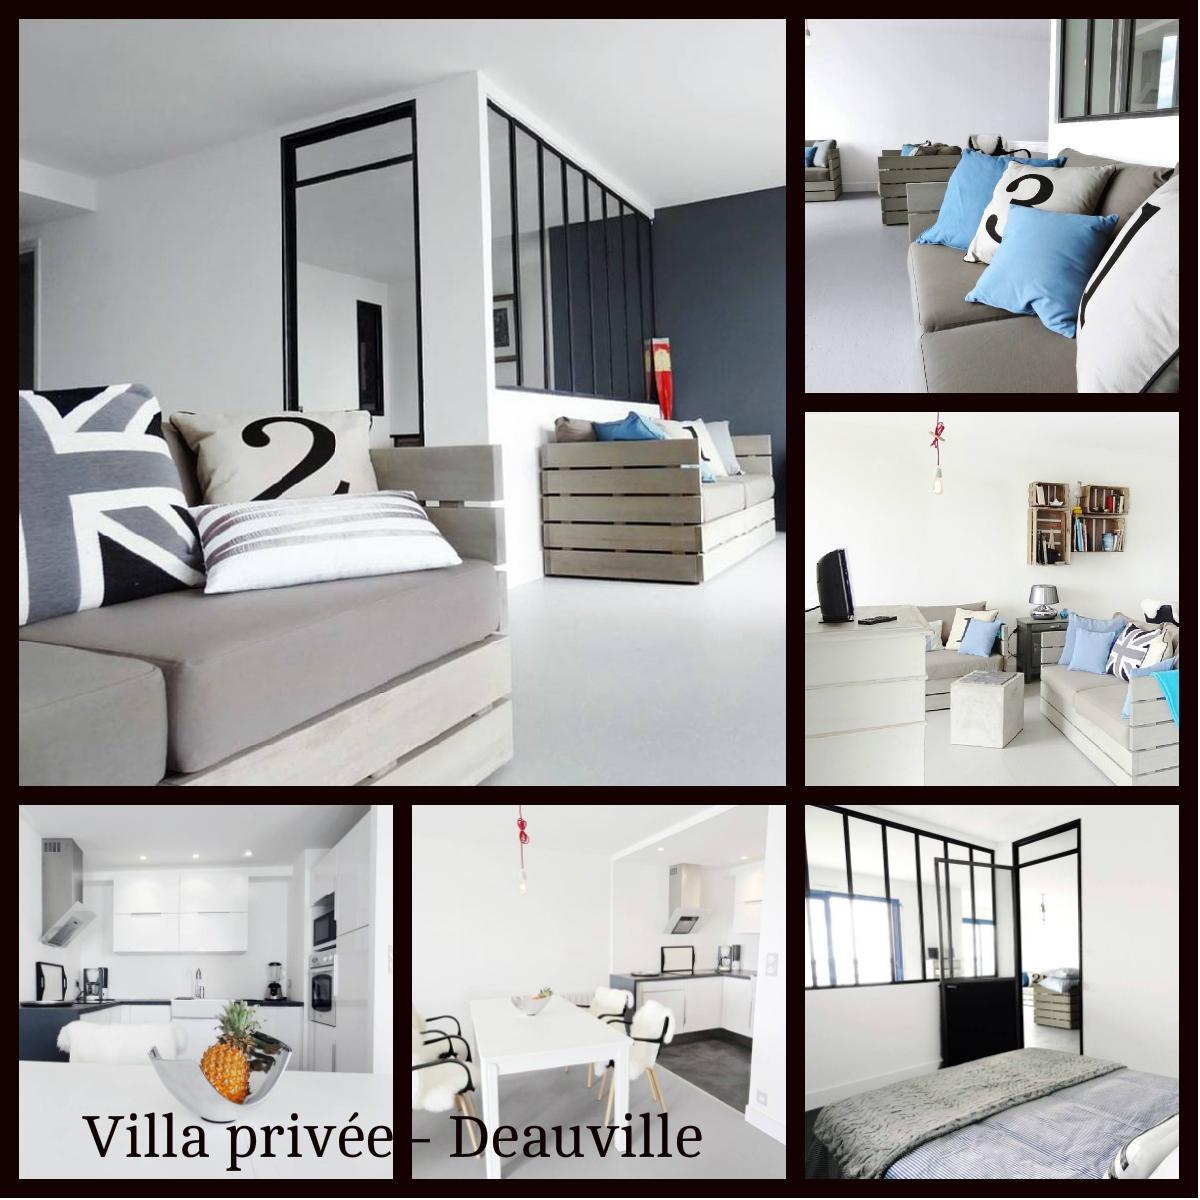 deco m de m bureau de d corateur d 39 int rieur. Black Bedroom Furniture Sets. Home Design Ideas